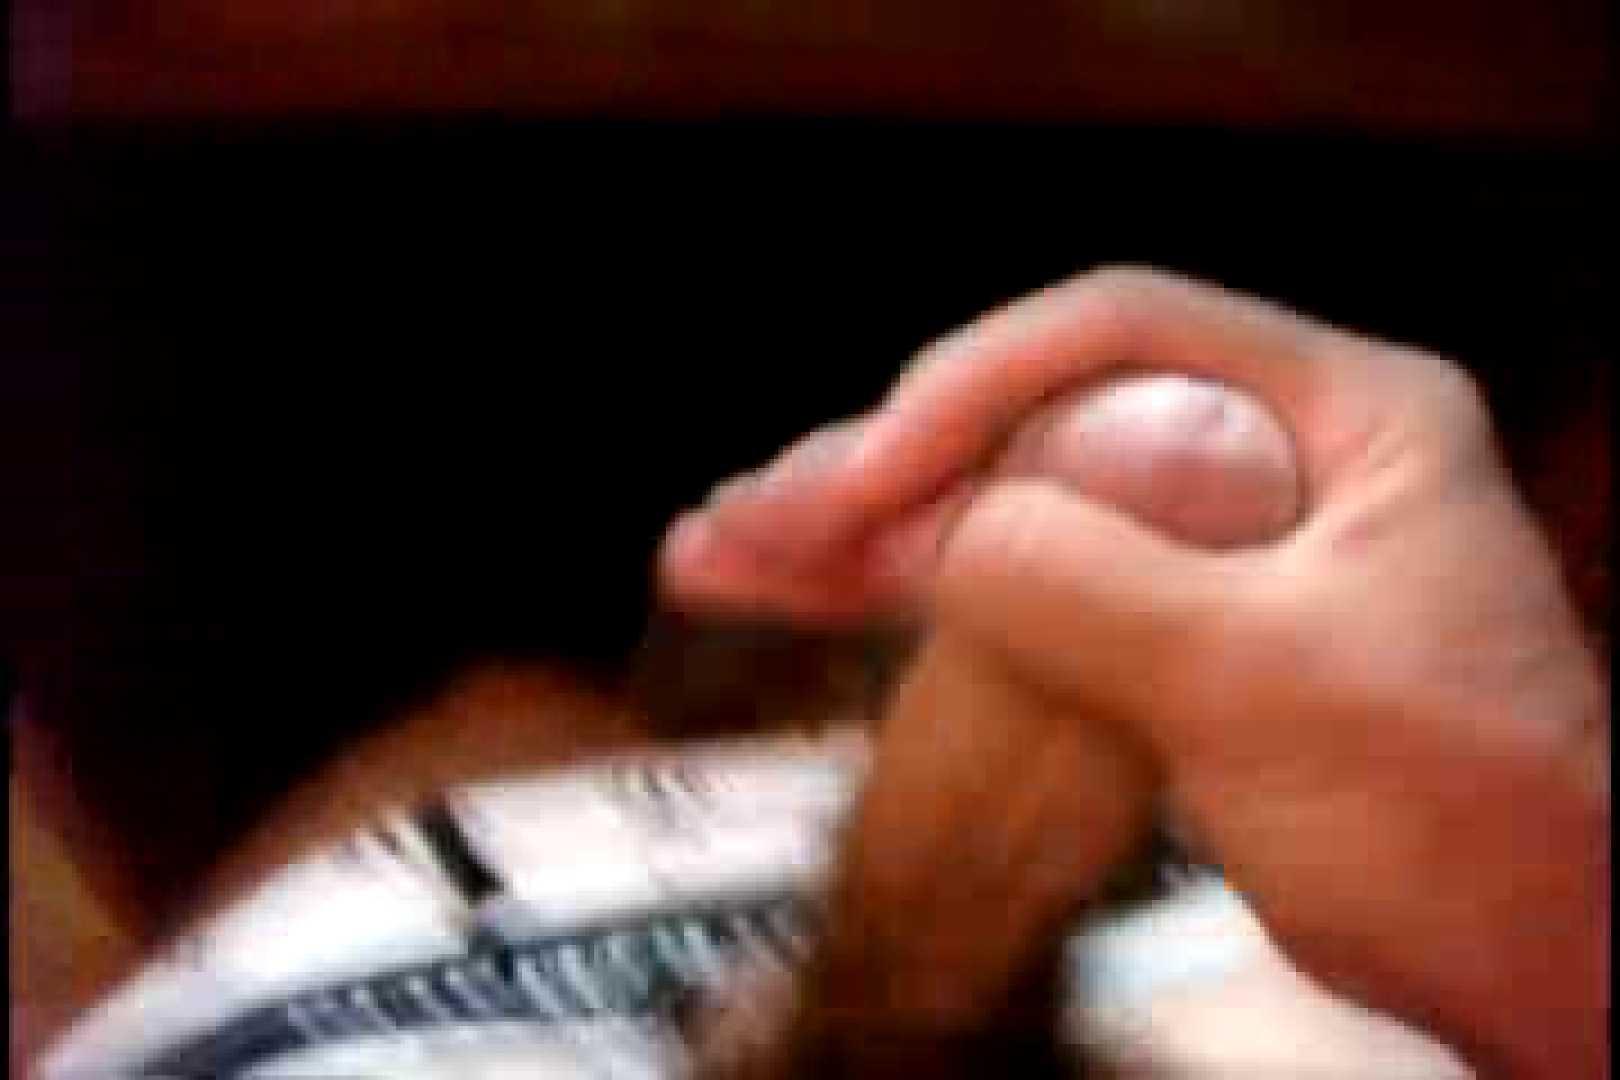 オナ好きノンケテニス部員の自画撮り投稿vol.04 オナニー ゲイヌード画像 79pic 2